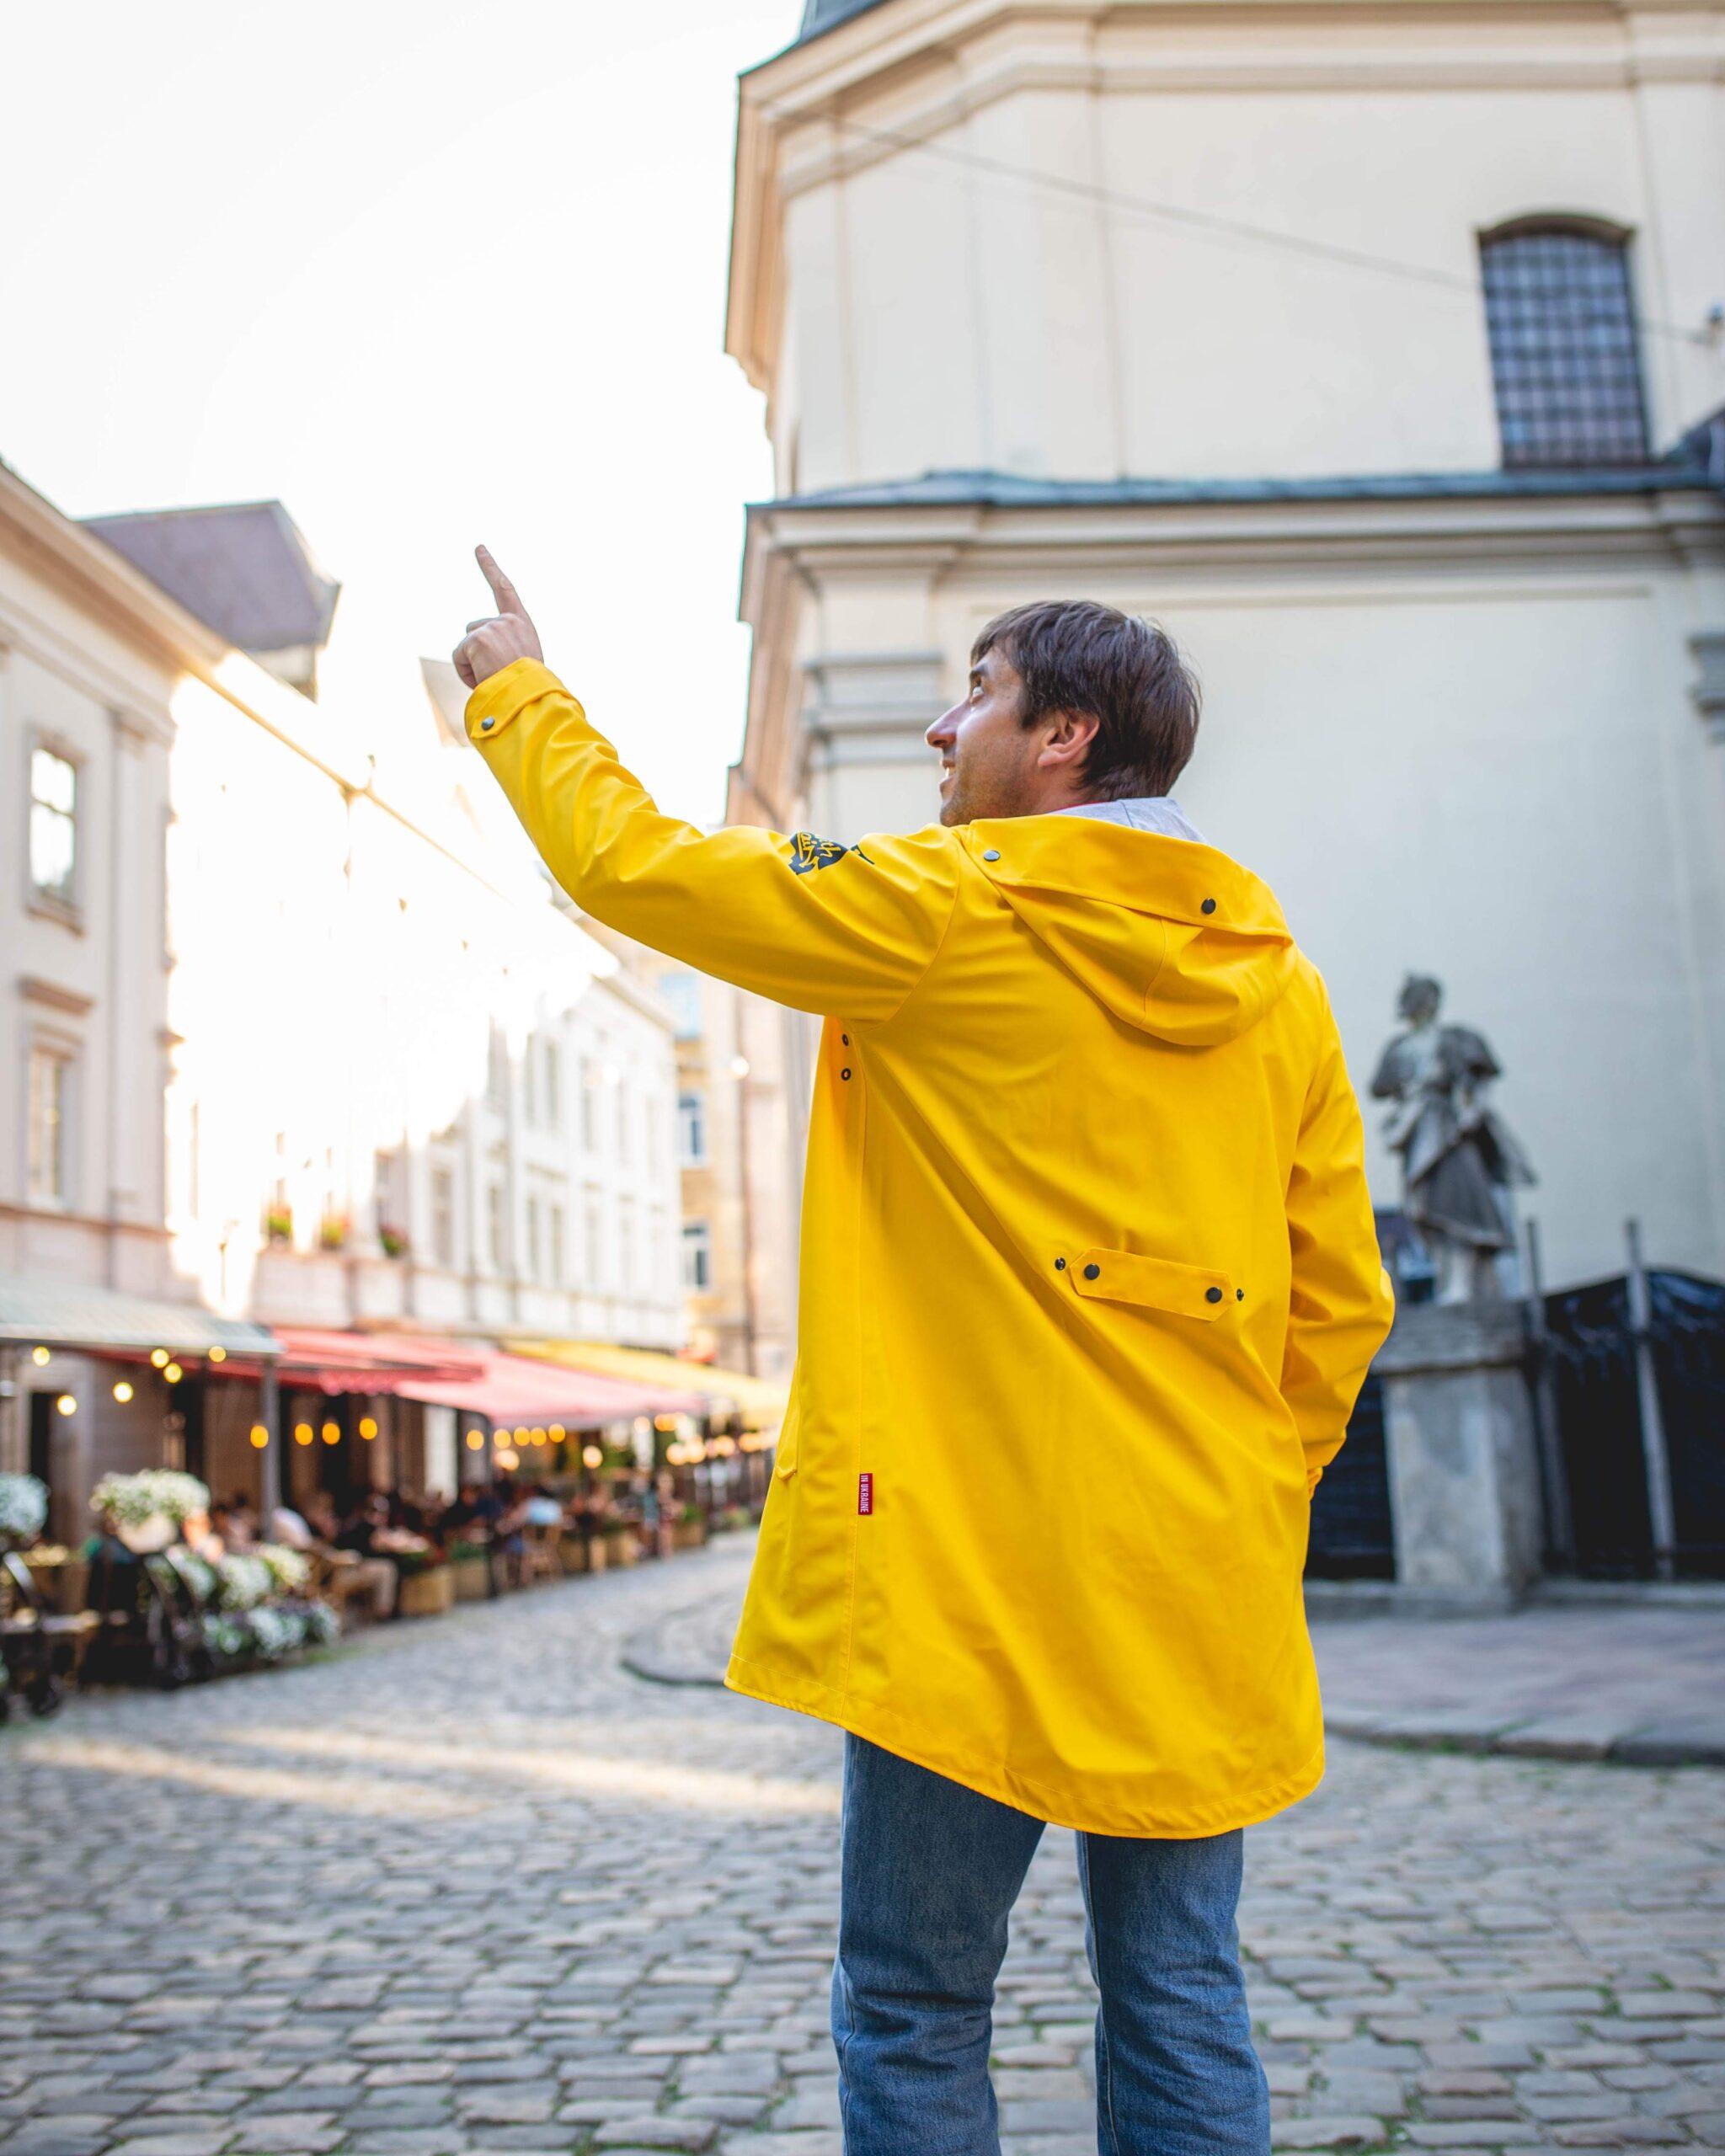 Чоловічий Дощовик From Lviv With Rain. Колір жовтий. .